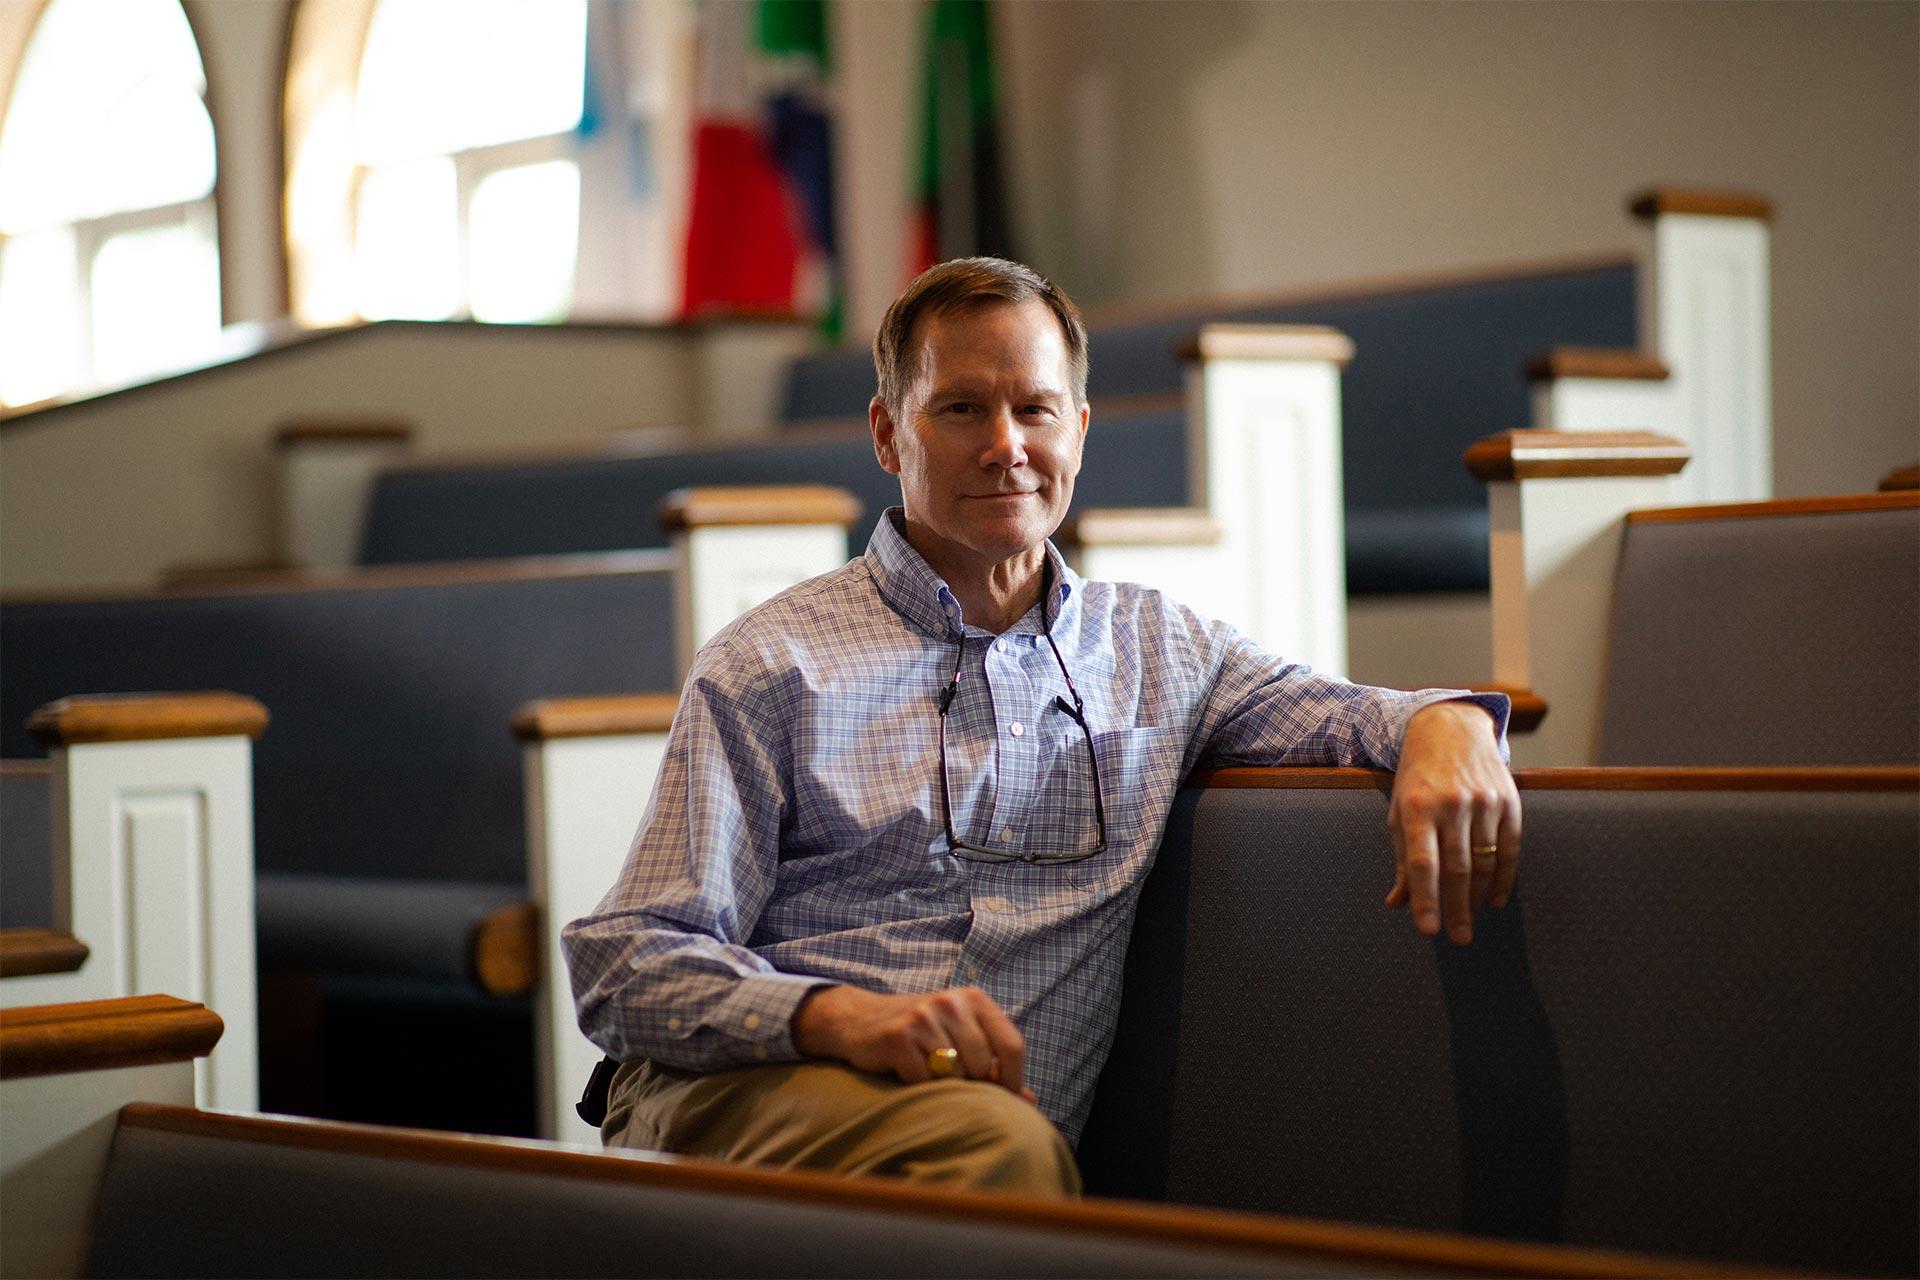 Bill Crawford sitting in a church pew